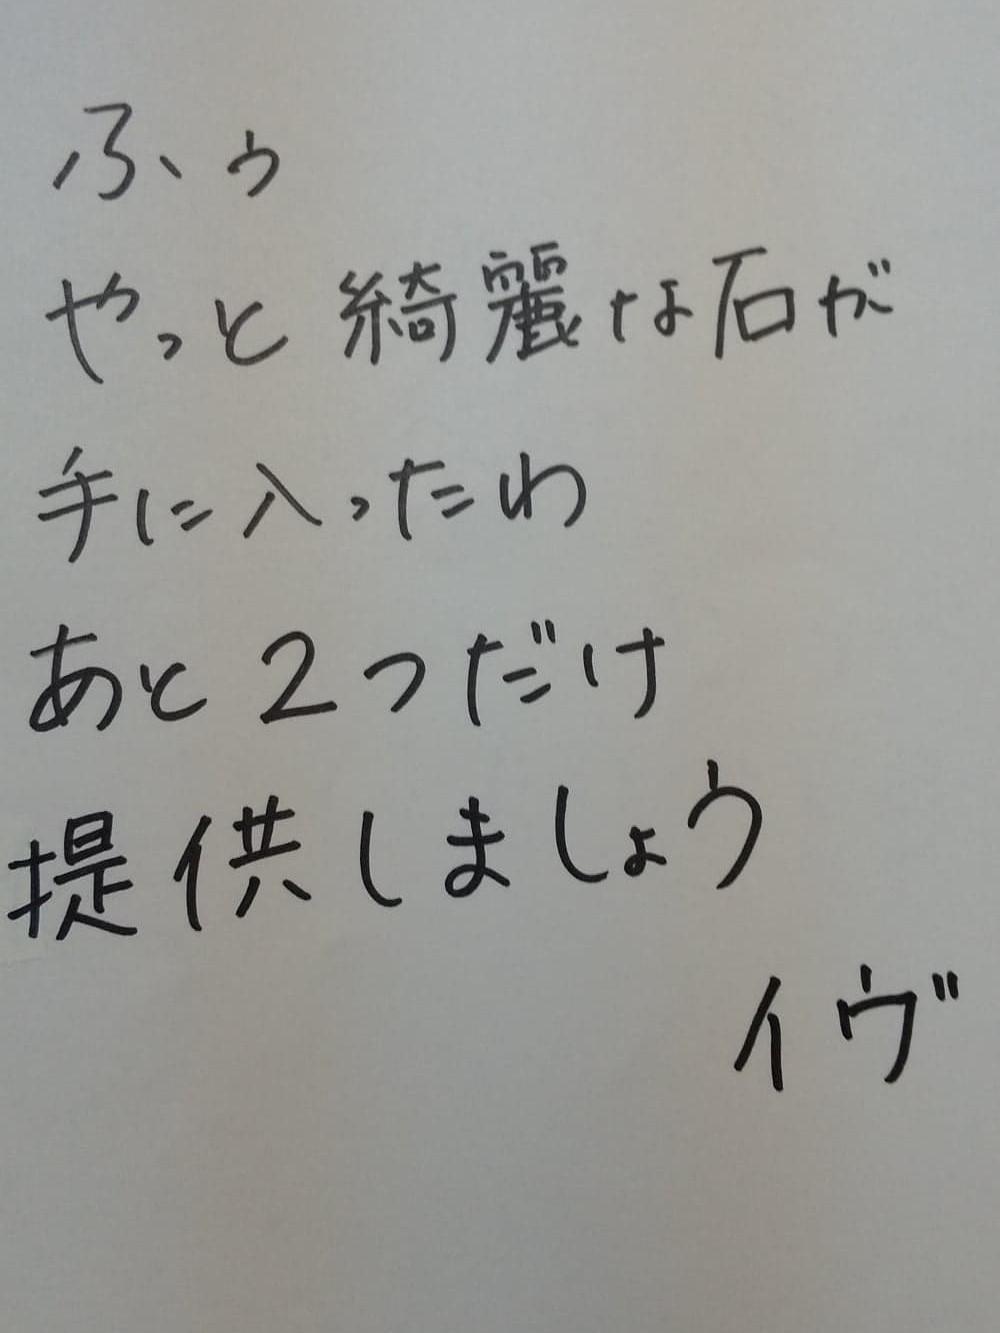 イヴ2 (2)